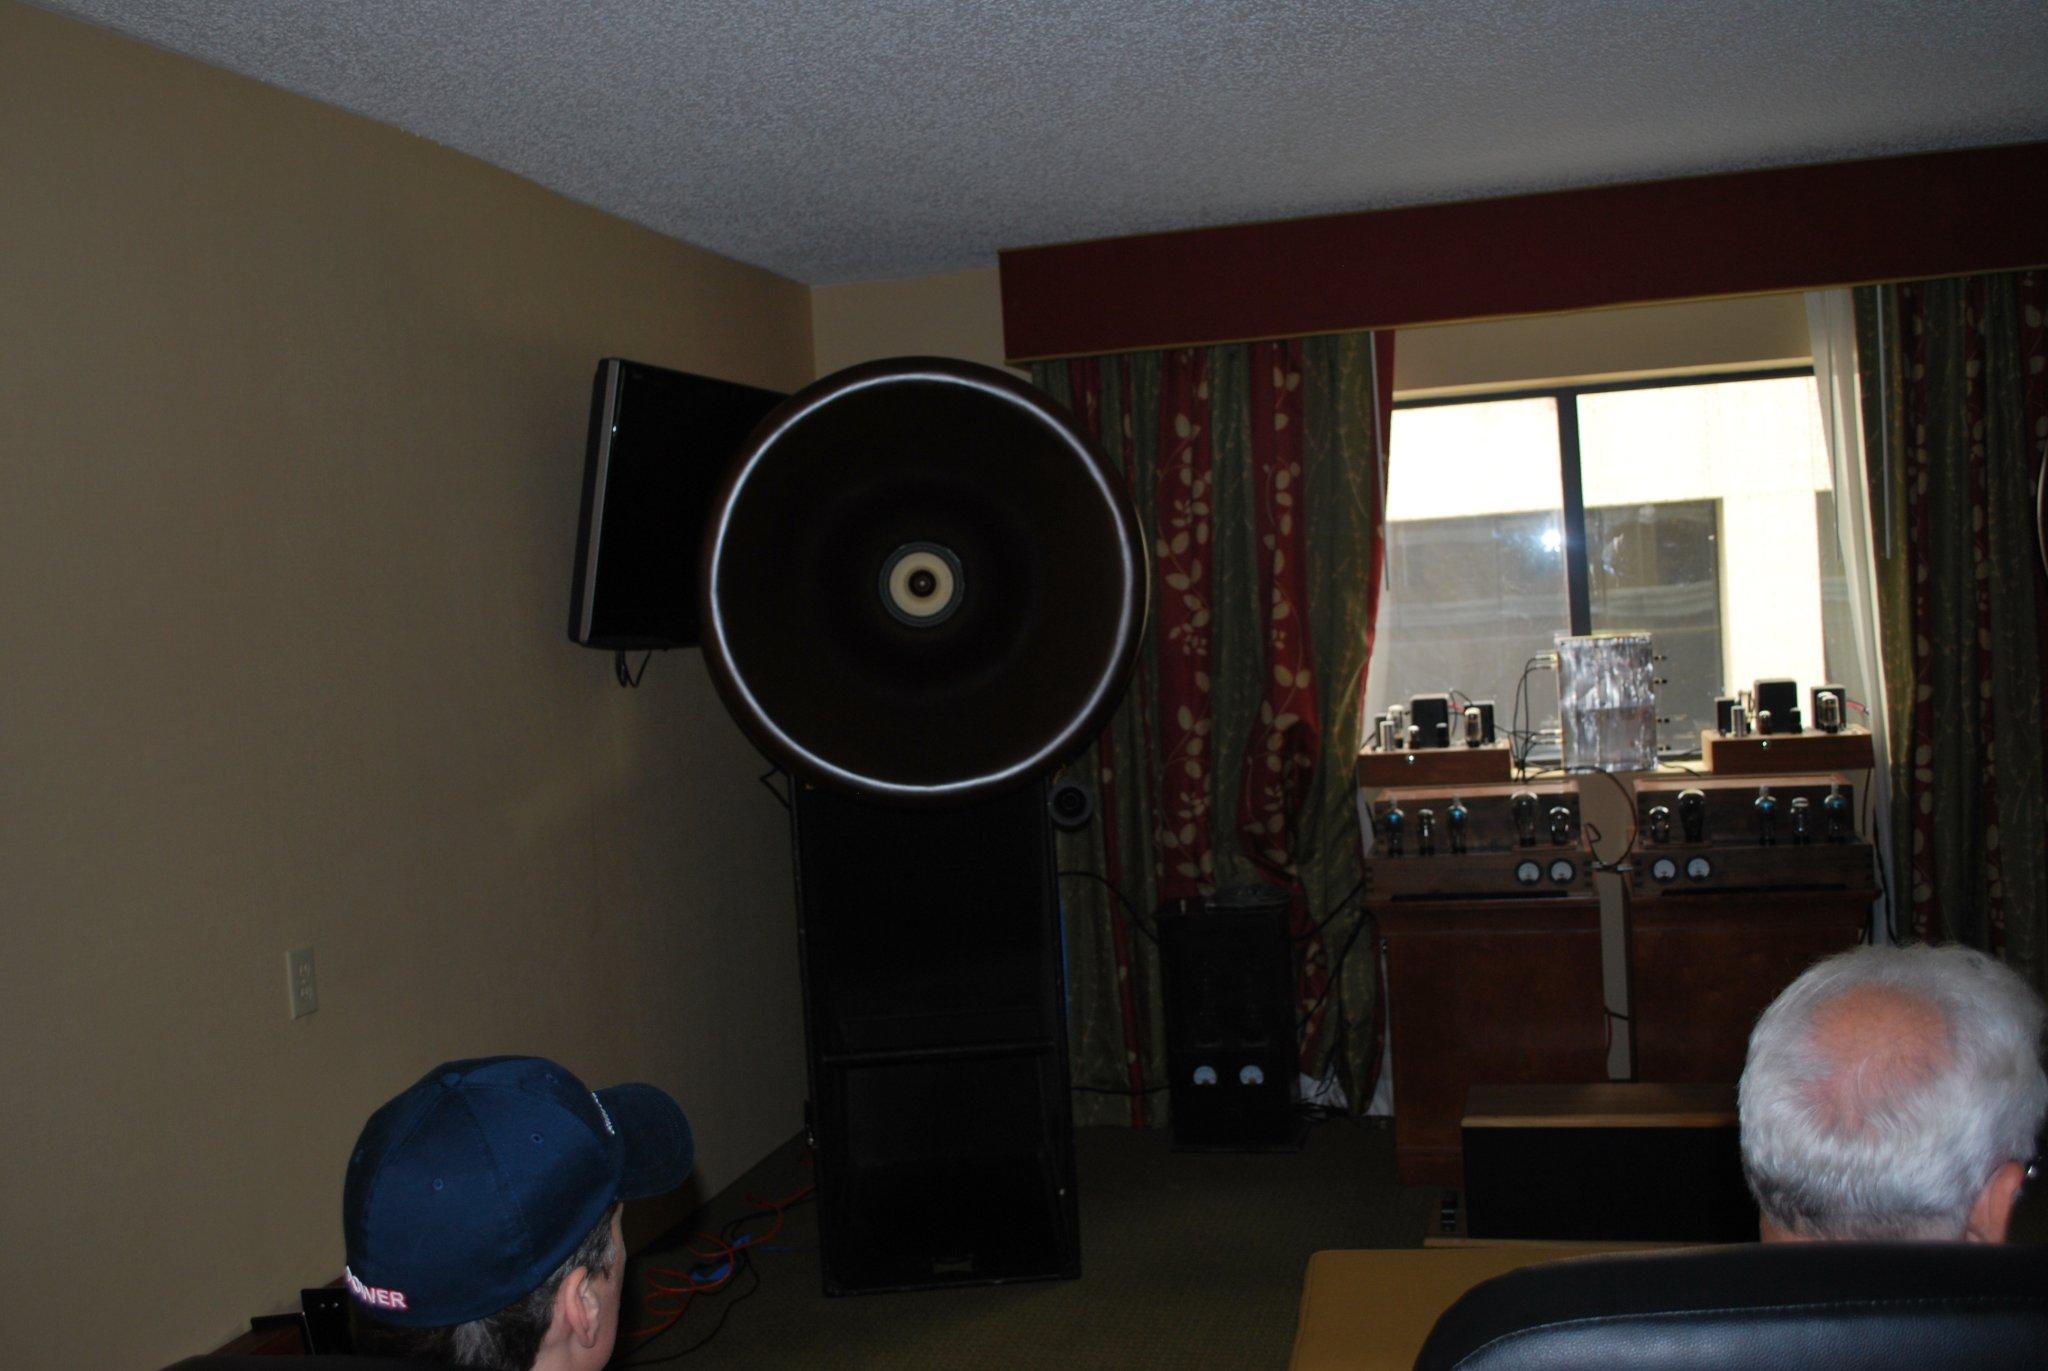 http://lonestaraudiofest.com/2010/Photos/Dsc_0038.jpg